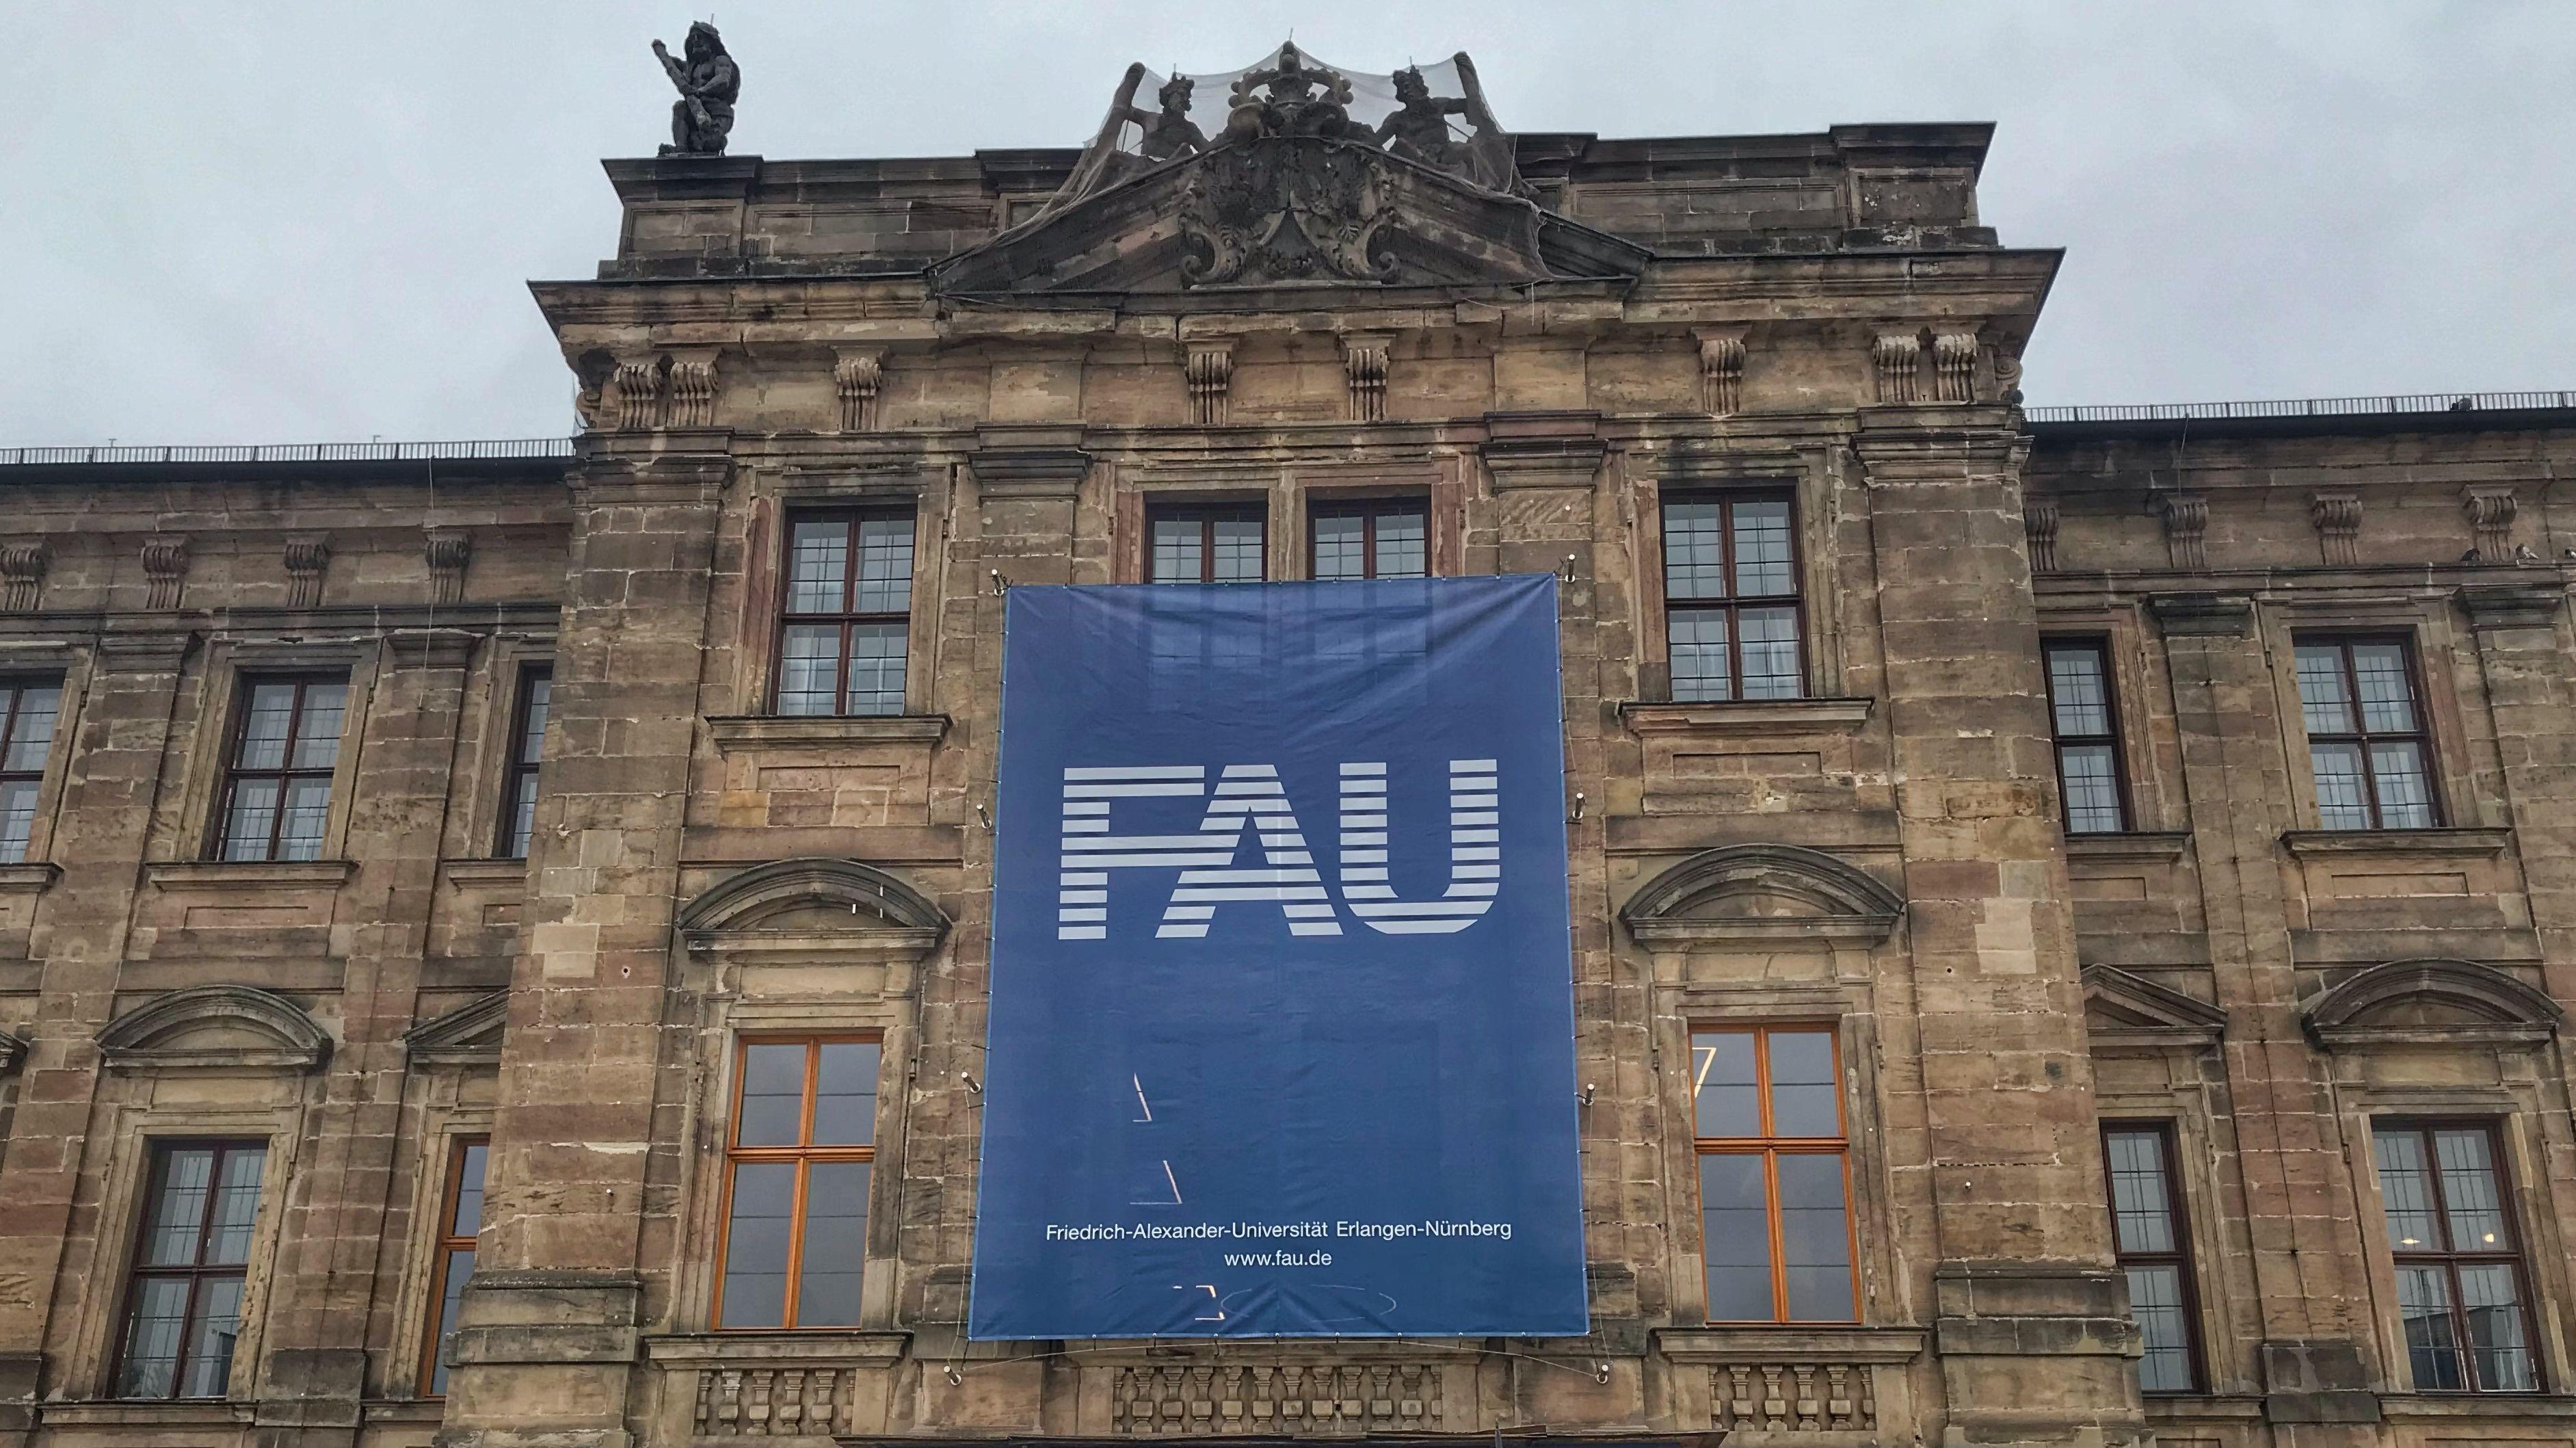 Friedrich-Alexander-Universität vor großen Herausforderungen